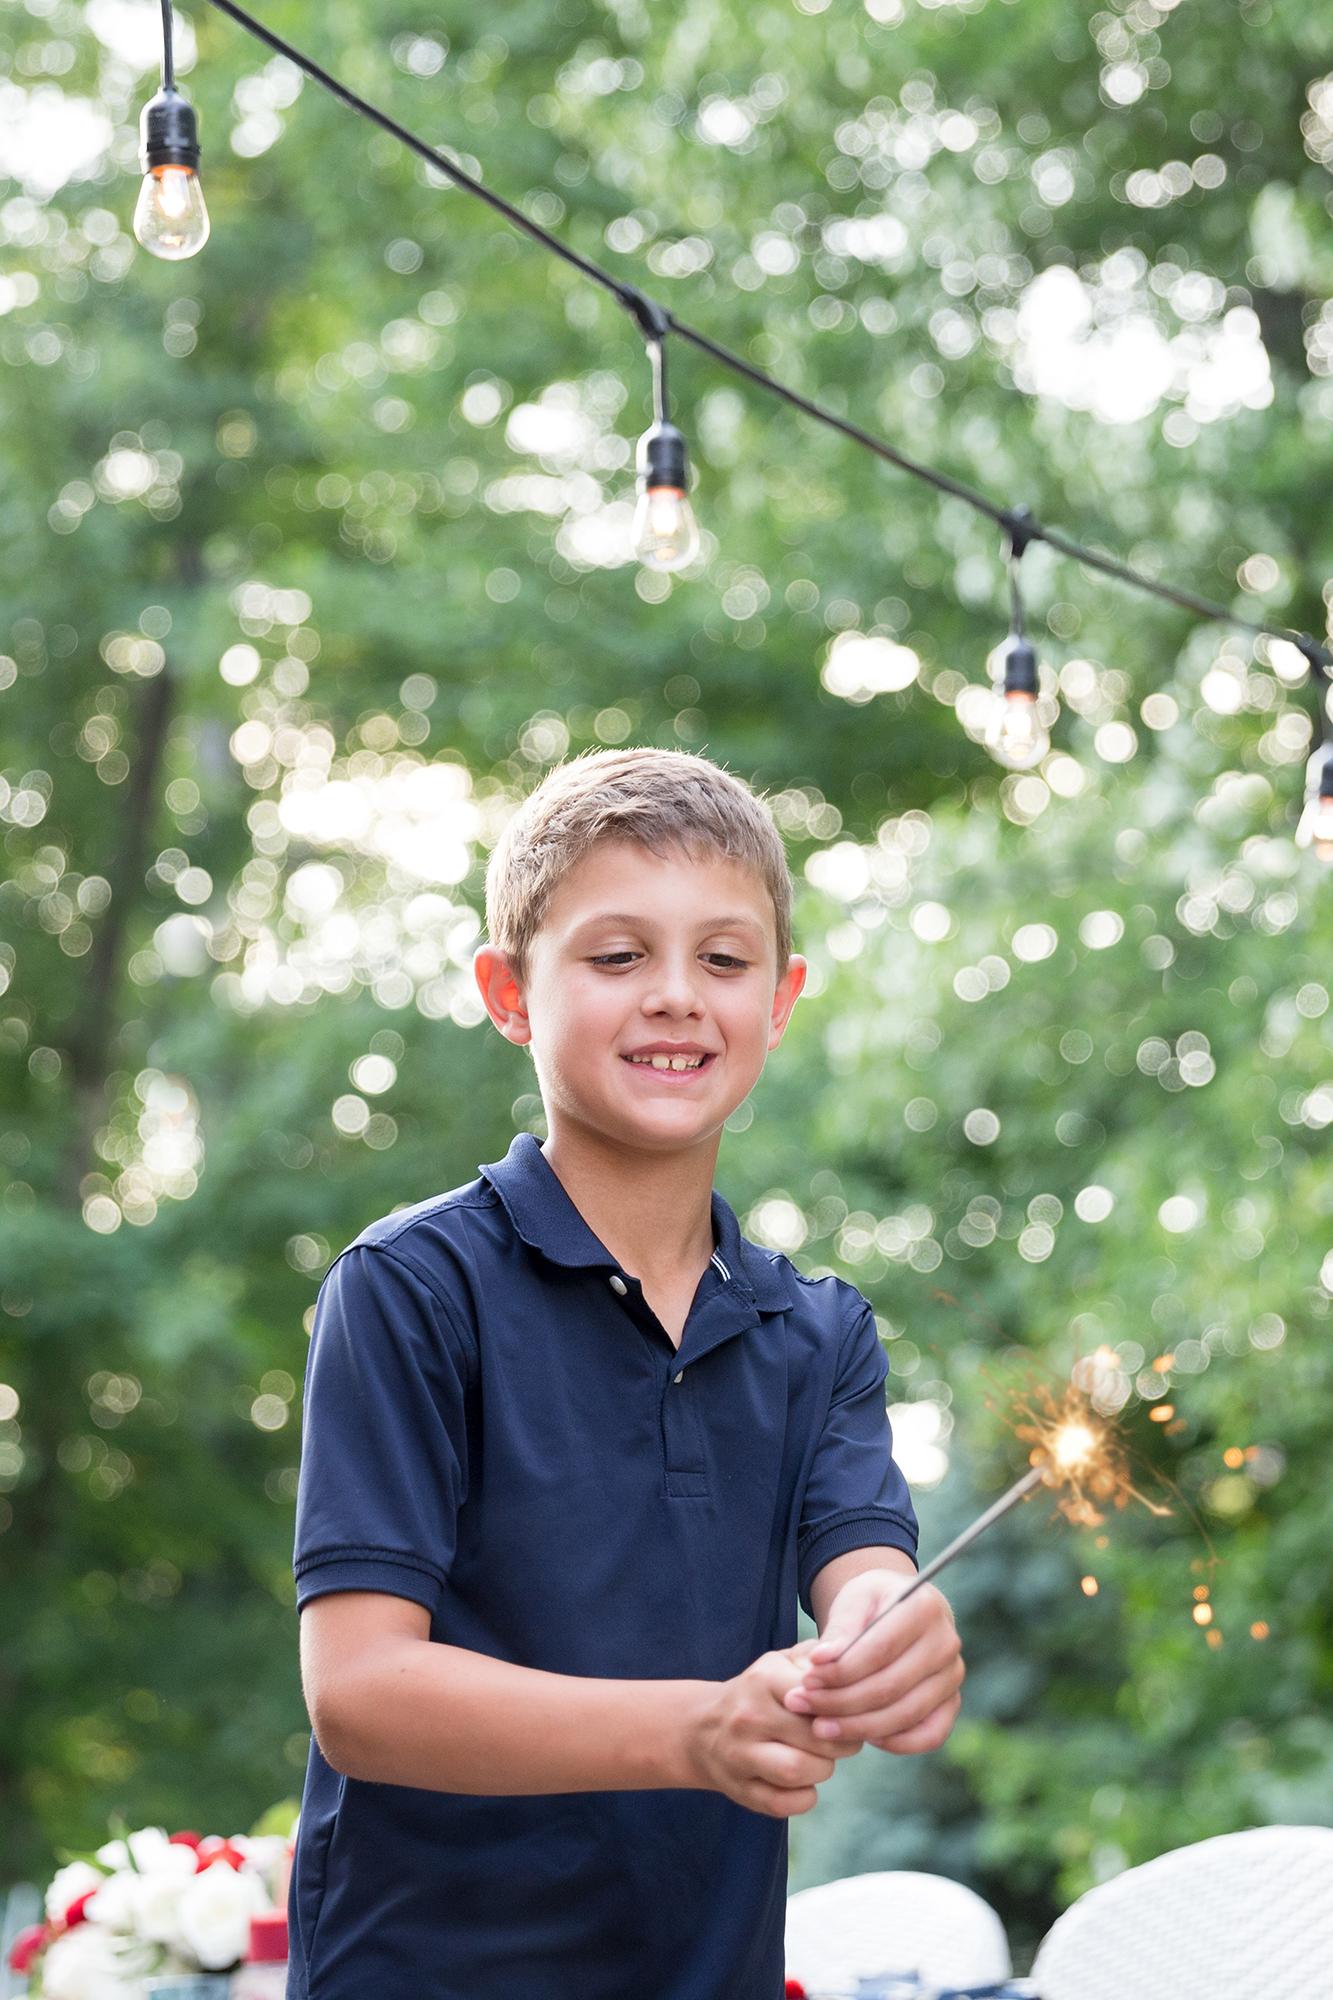 One Stylish Party - Boy holding a sparkler